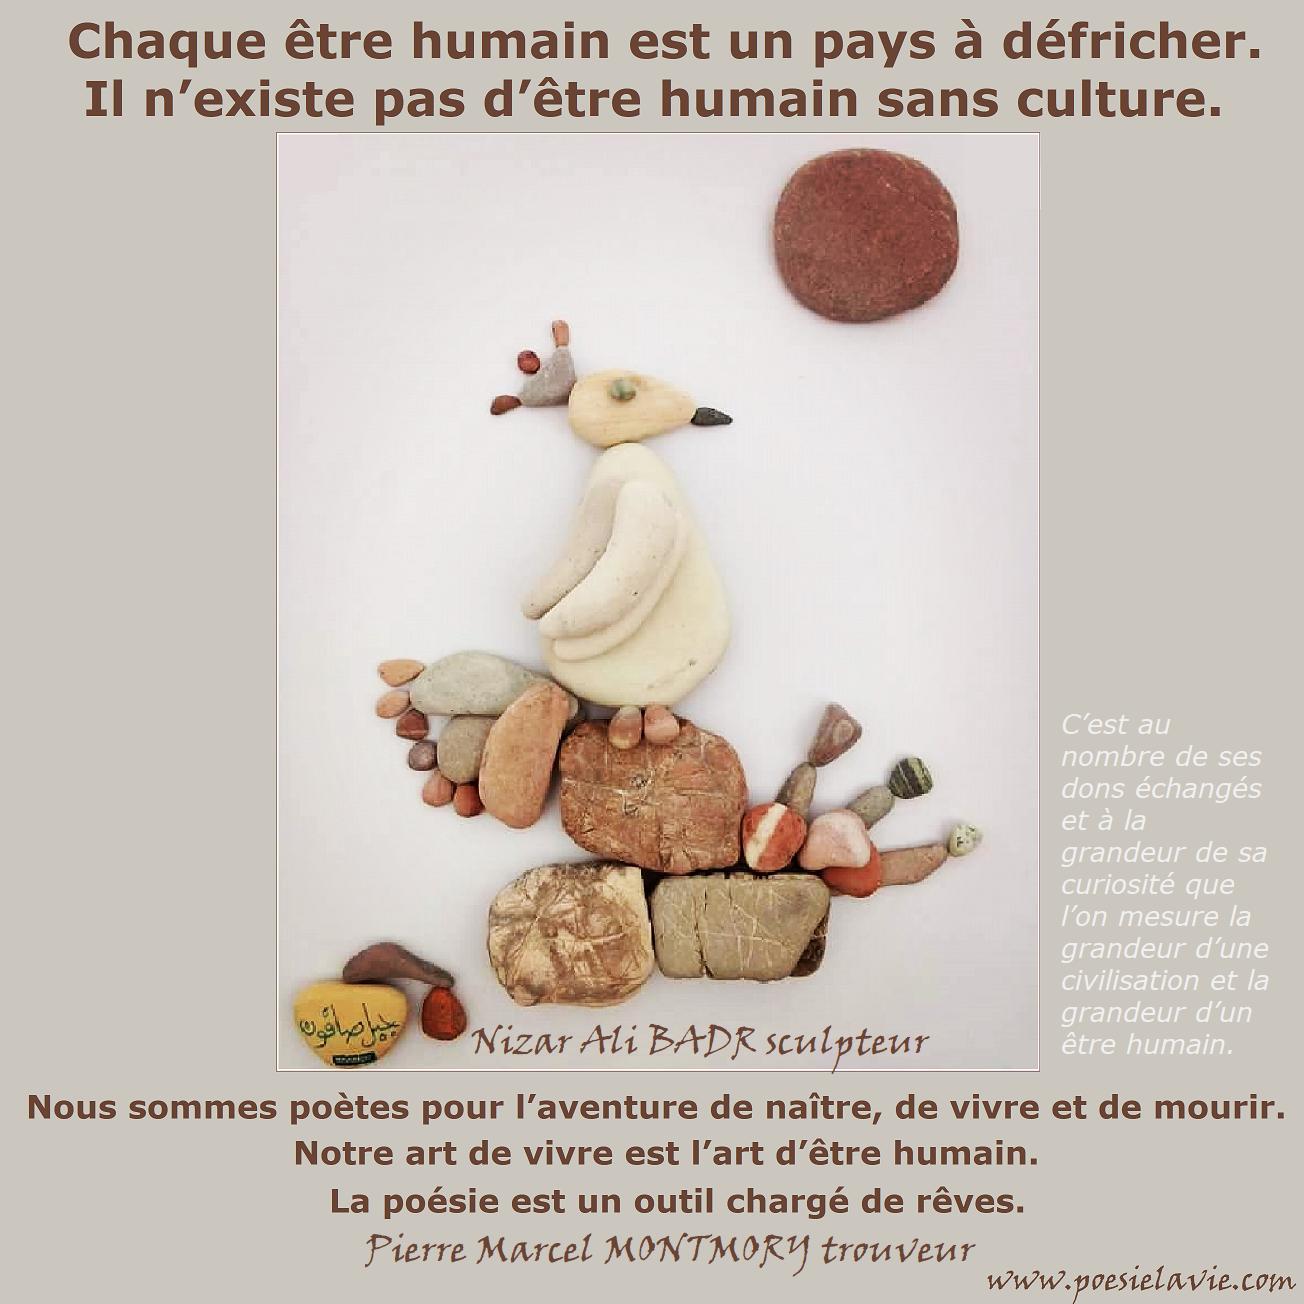 BIO - PIERRE MARCEL MONTMORY - TROUVEUR